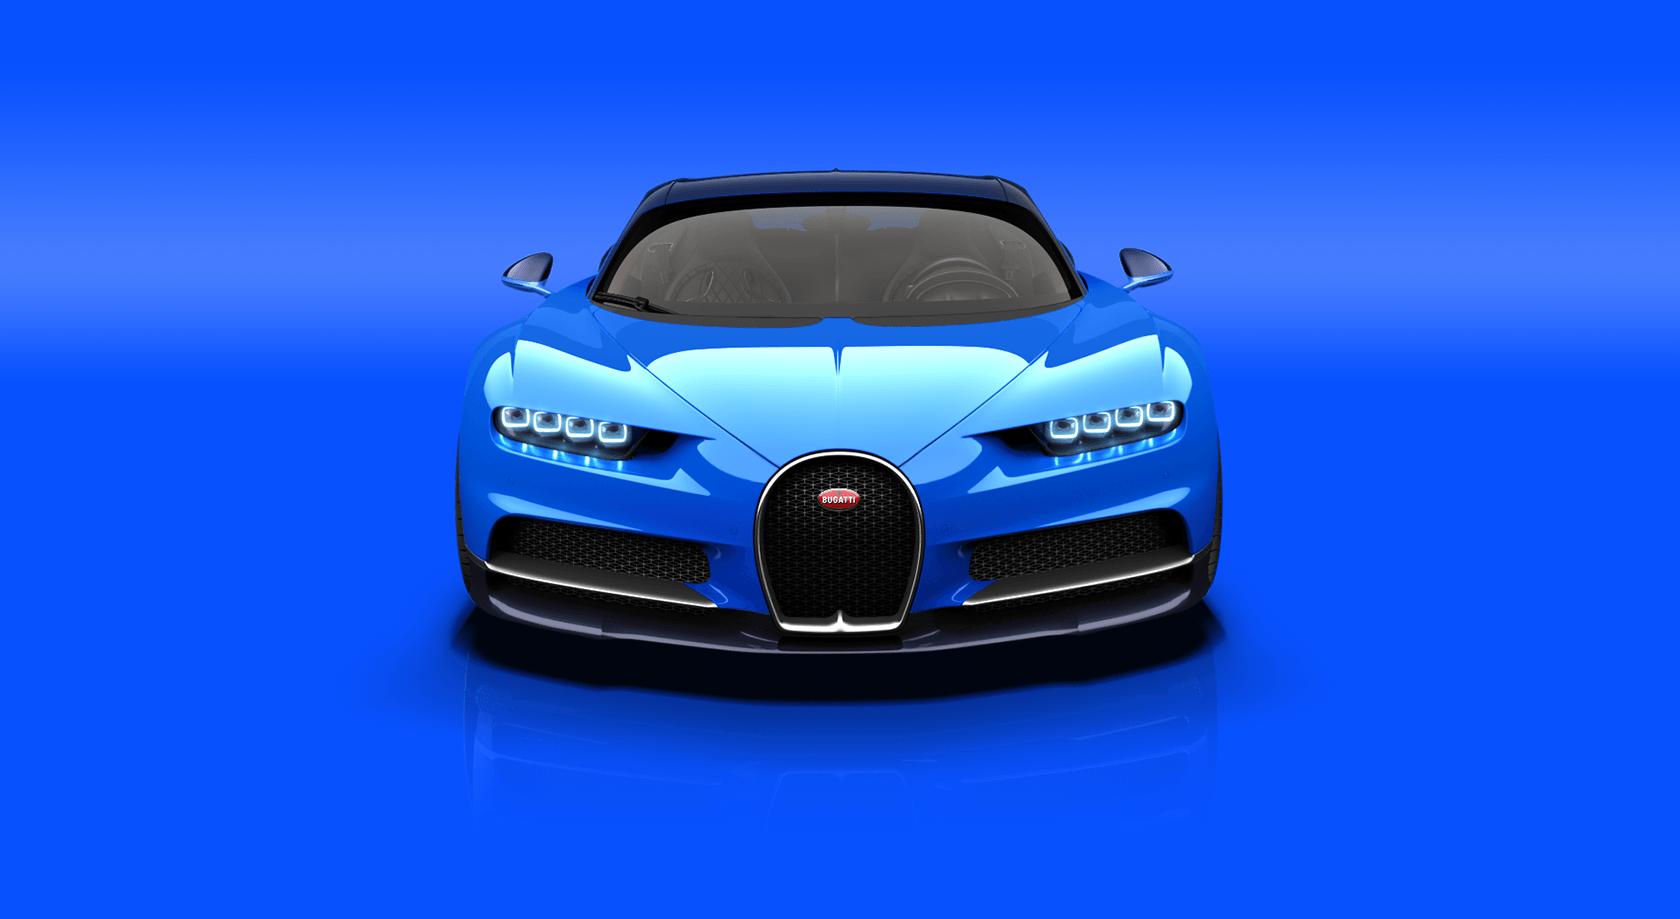 Photo Credit: Bugatti Chiron